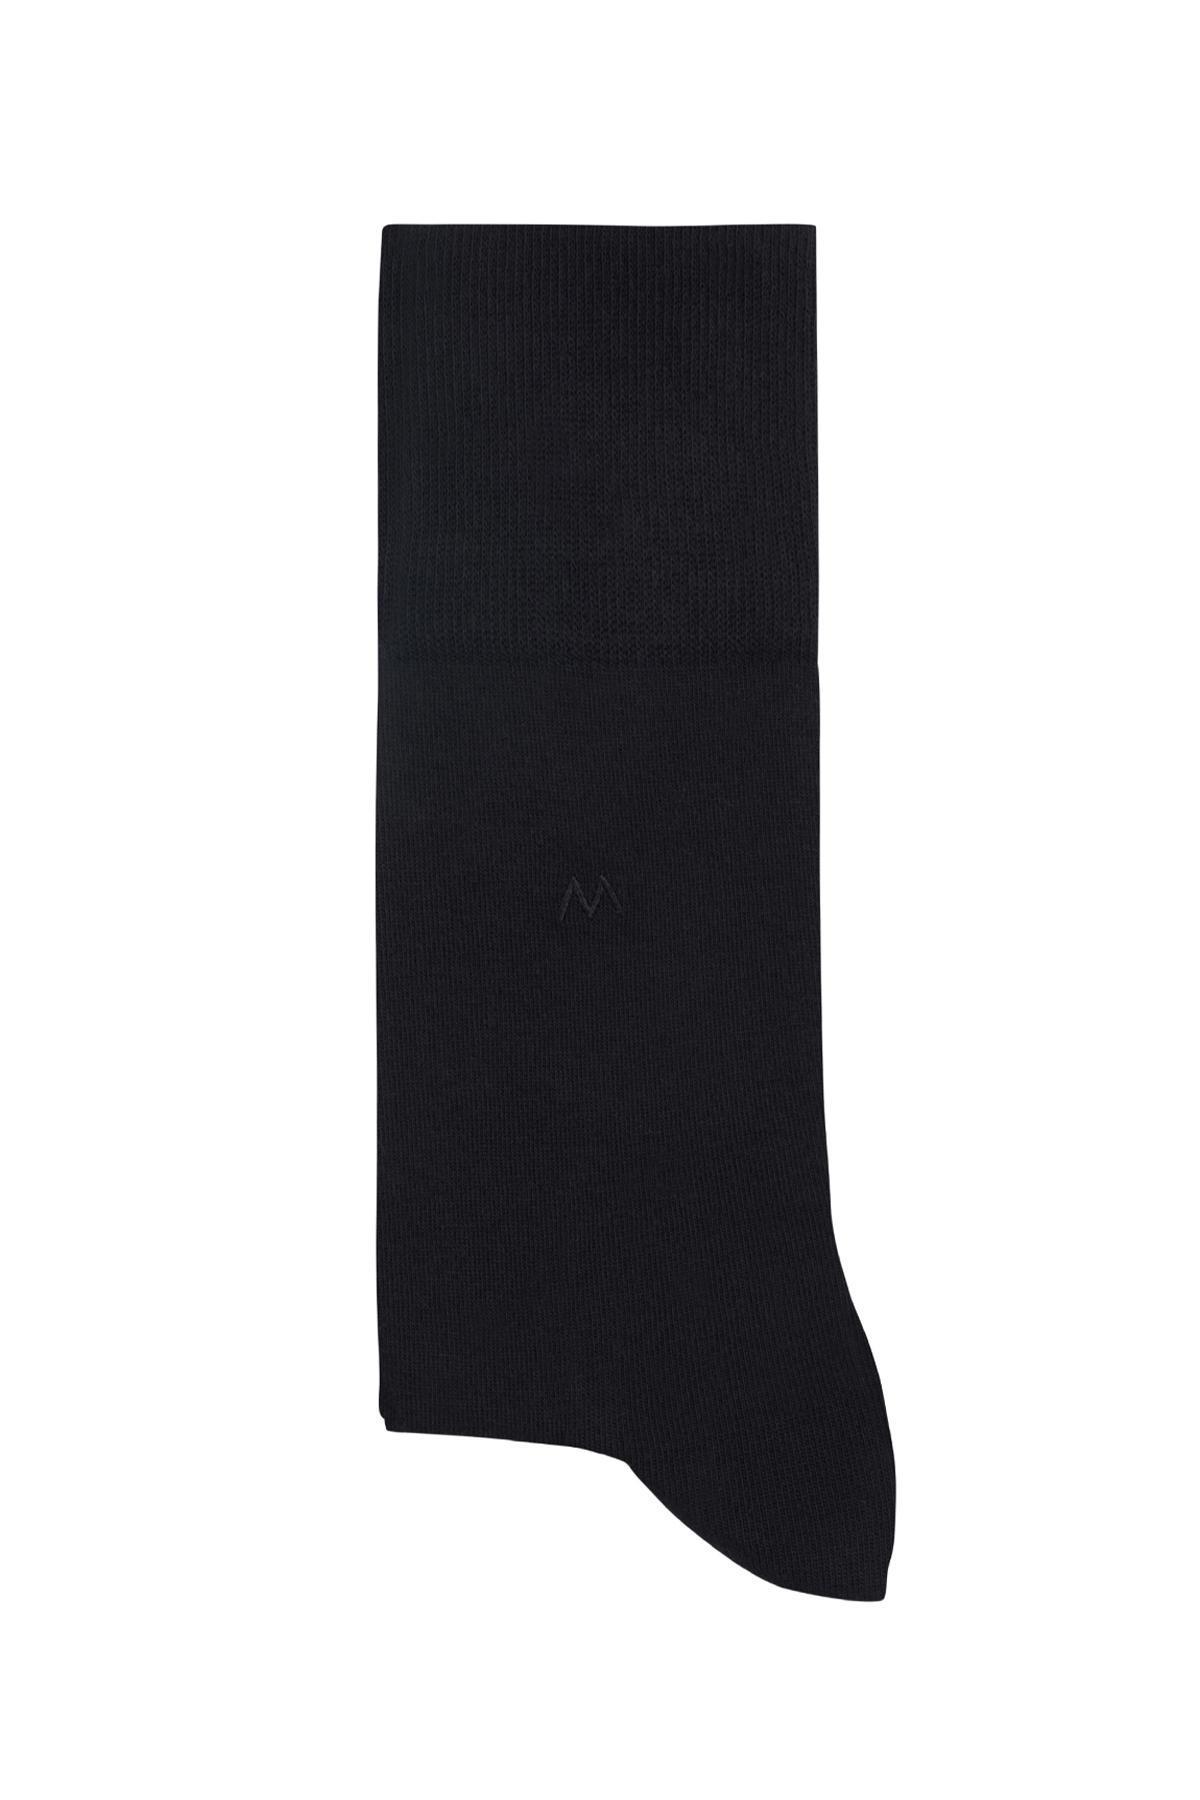 Pamuklu Siyah Çorap